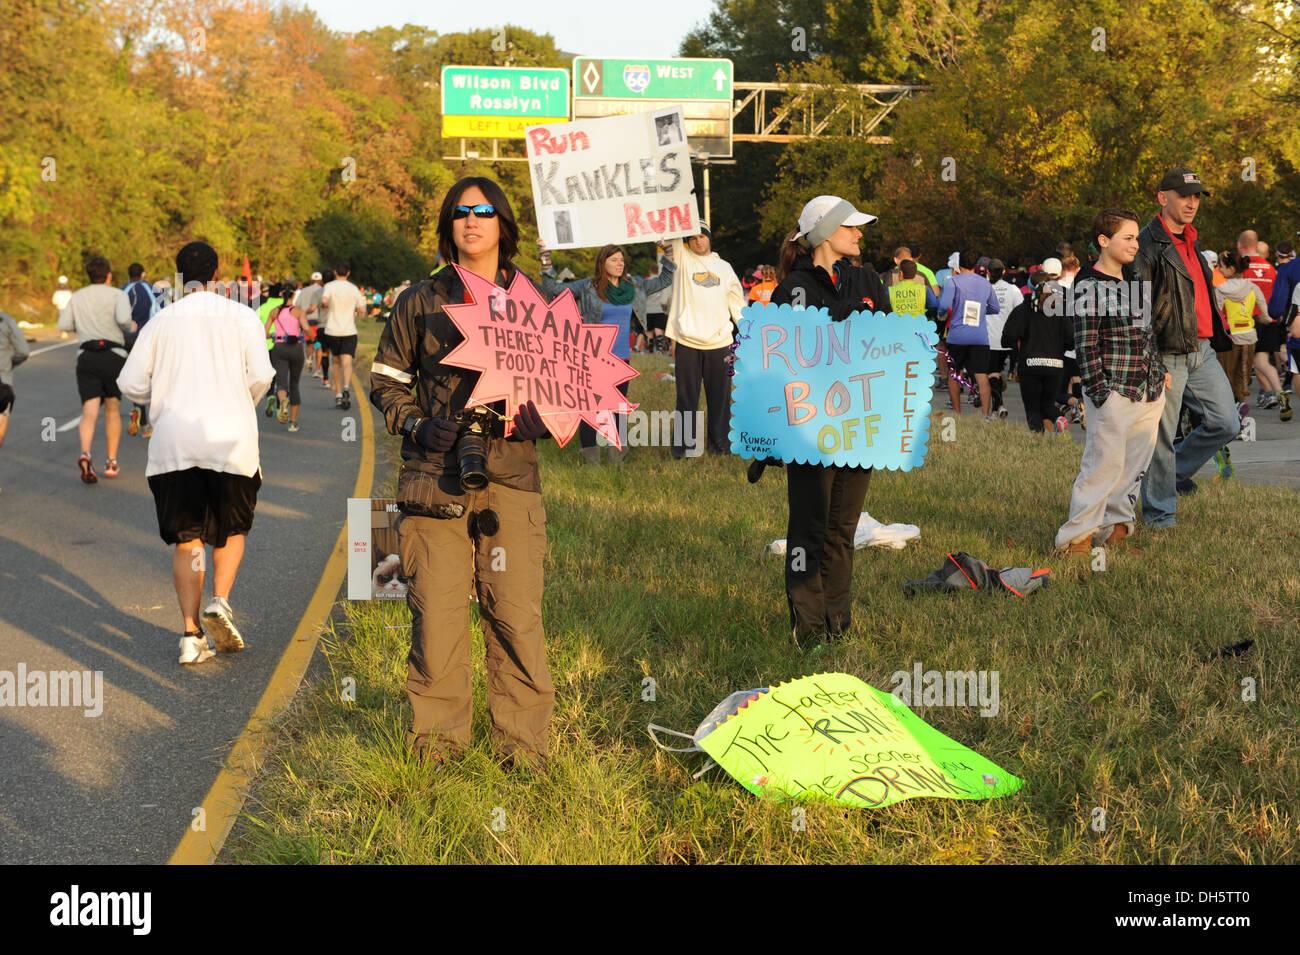 Sostenitori tenere segni e fare il tifo per i partecipanti durante la trentottesima Maraine annuale Corps Marathon, Washington D.C., ottobre 27, 2013. Immagini Stock